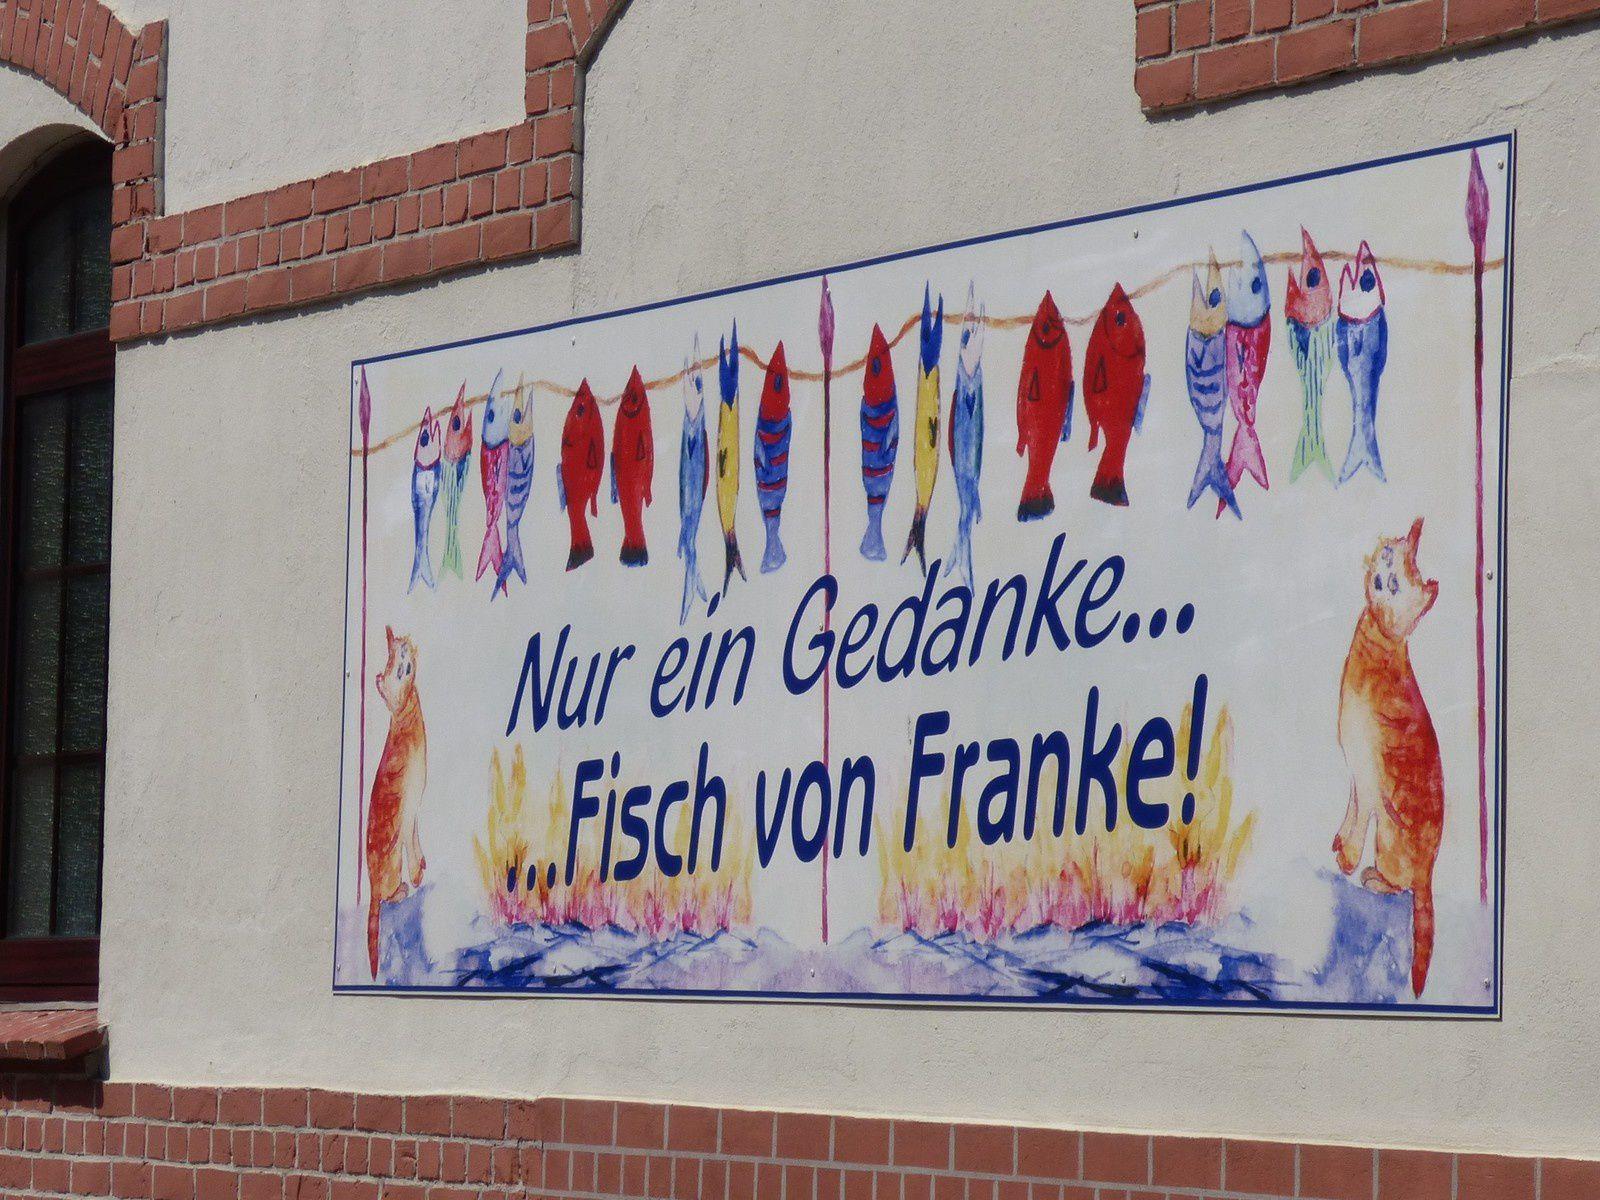 Réhabilitation urbaine à Bremerhaven